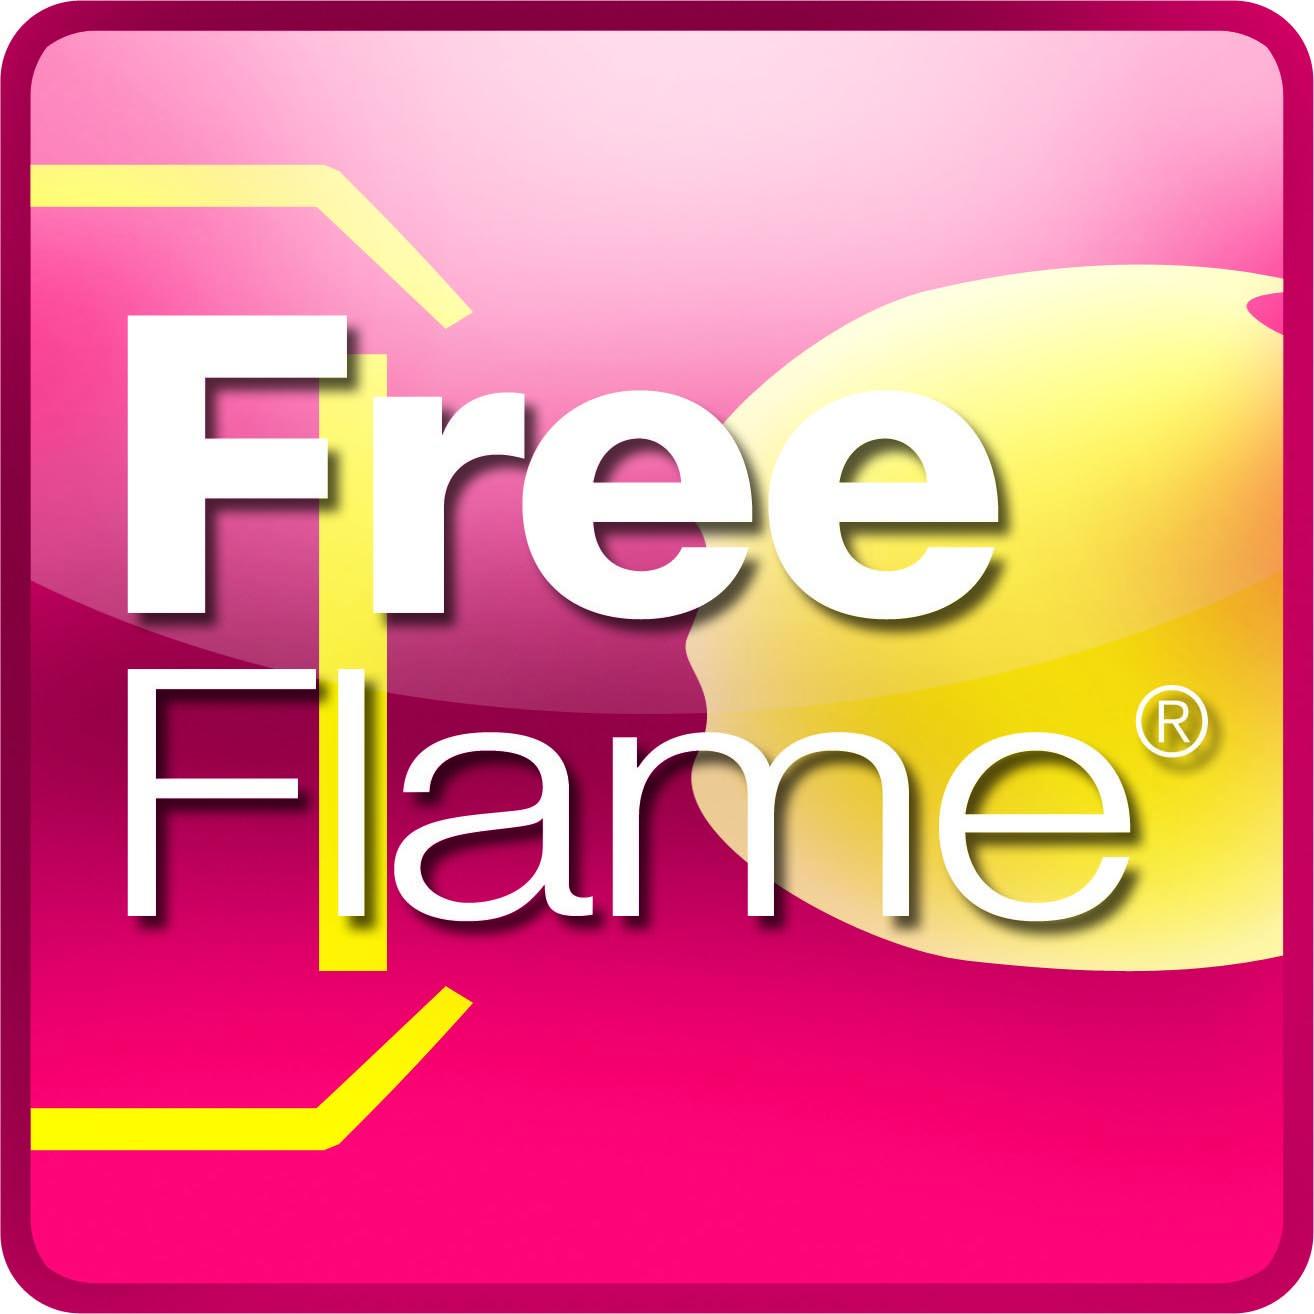 free_flame-Elco-flamax-eficiencia-energetica